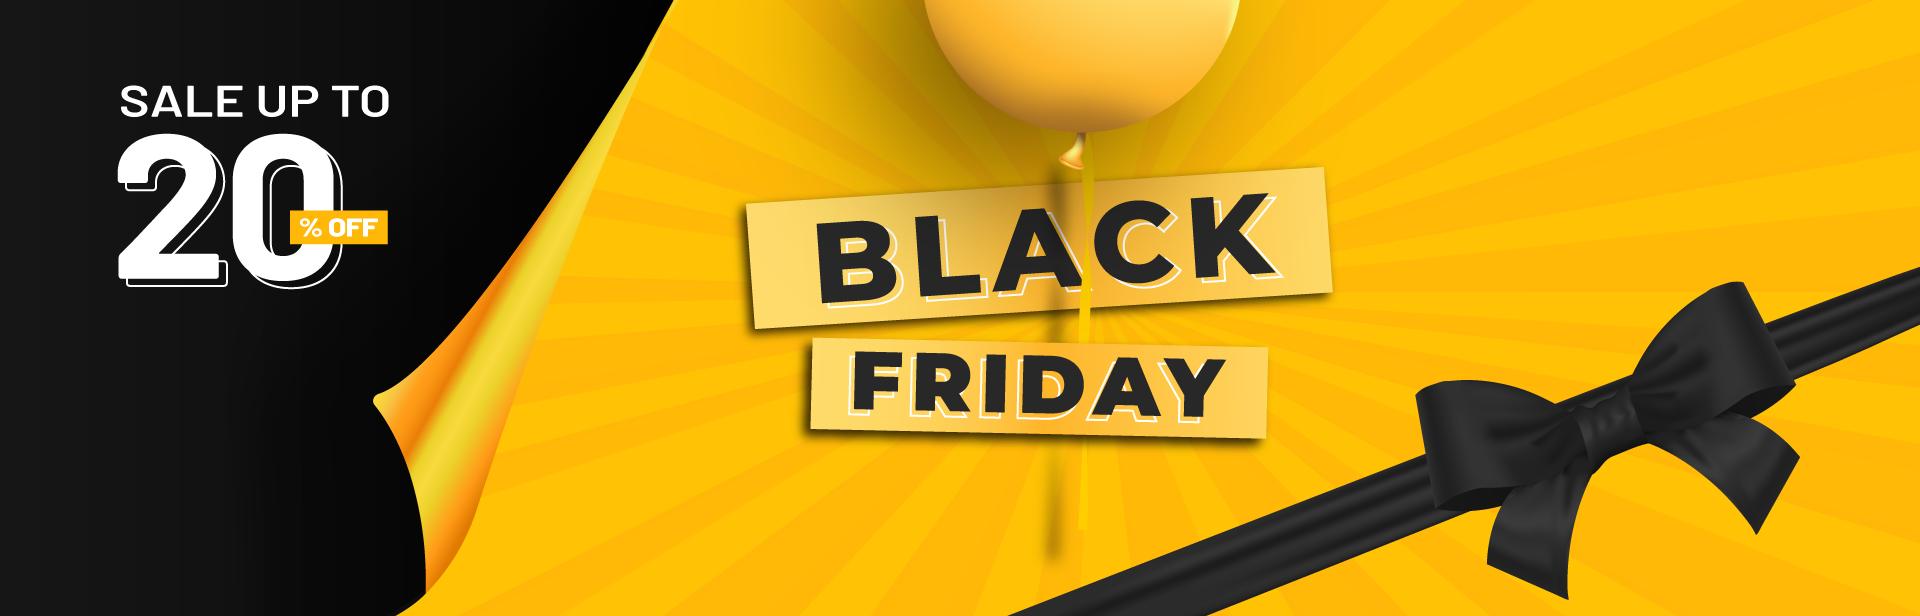 BFCM Banner - BSSCommerce discount